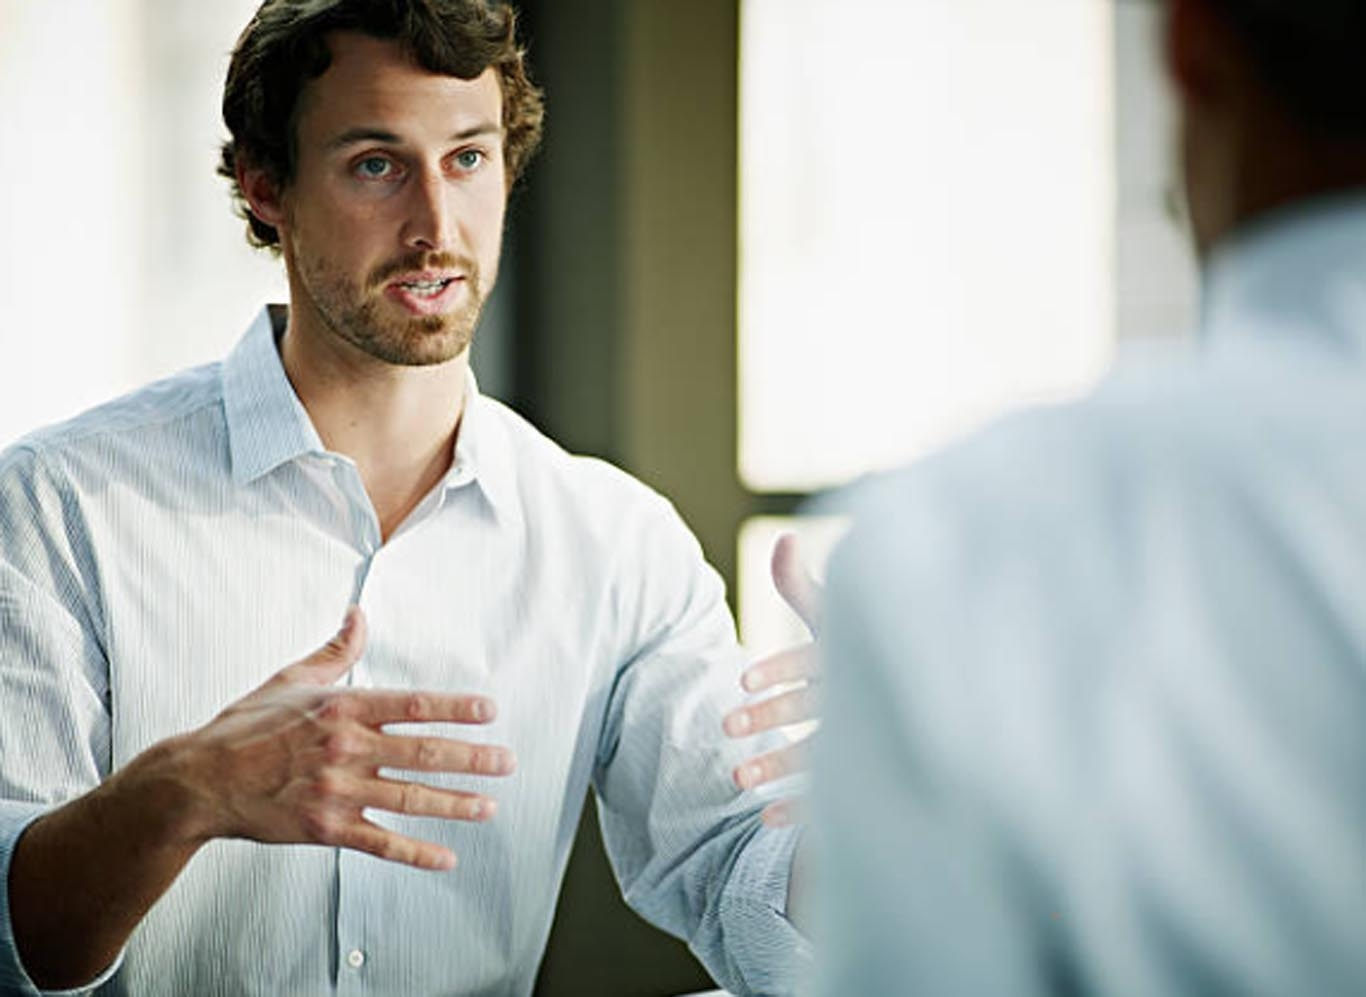 El lenguaje no verbal es fundamental en la escucha activa